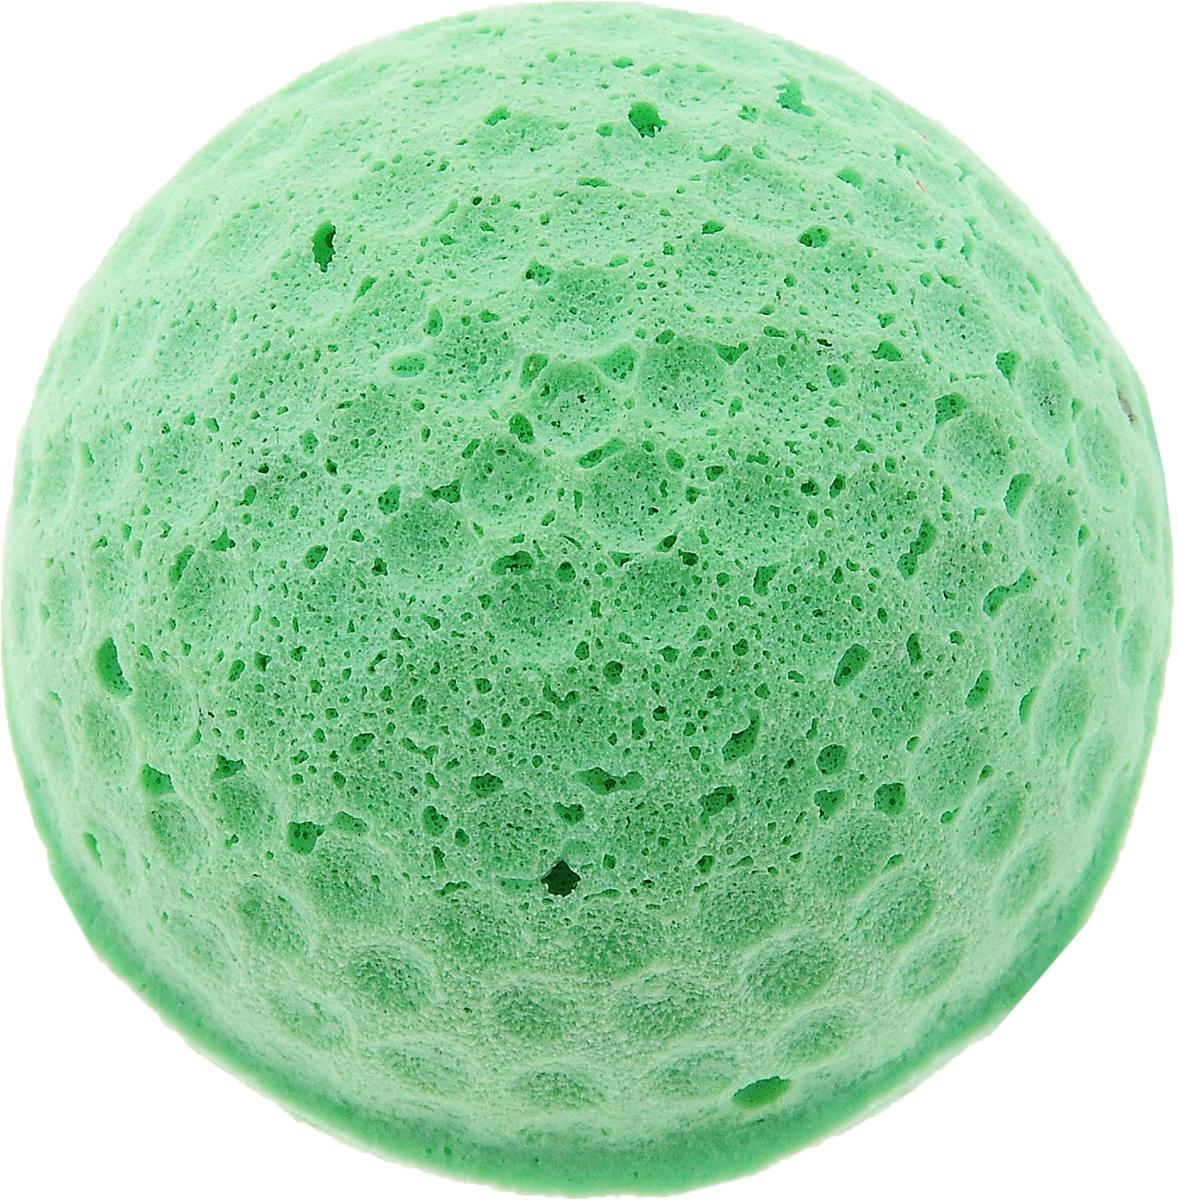 Игрушка для животных Каскад Мячик зефирный. Гольф, цвет: зеленый, диаметр 4 см игрушки для животных zoobaloo игрушка для кошки бамбук меховой мячик на резинке 60см